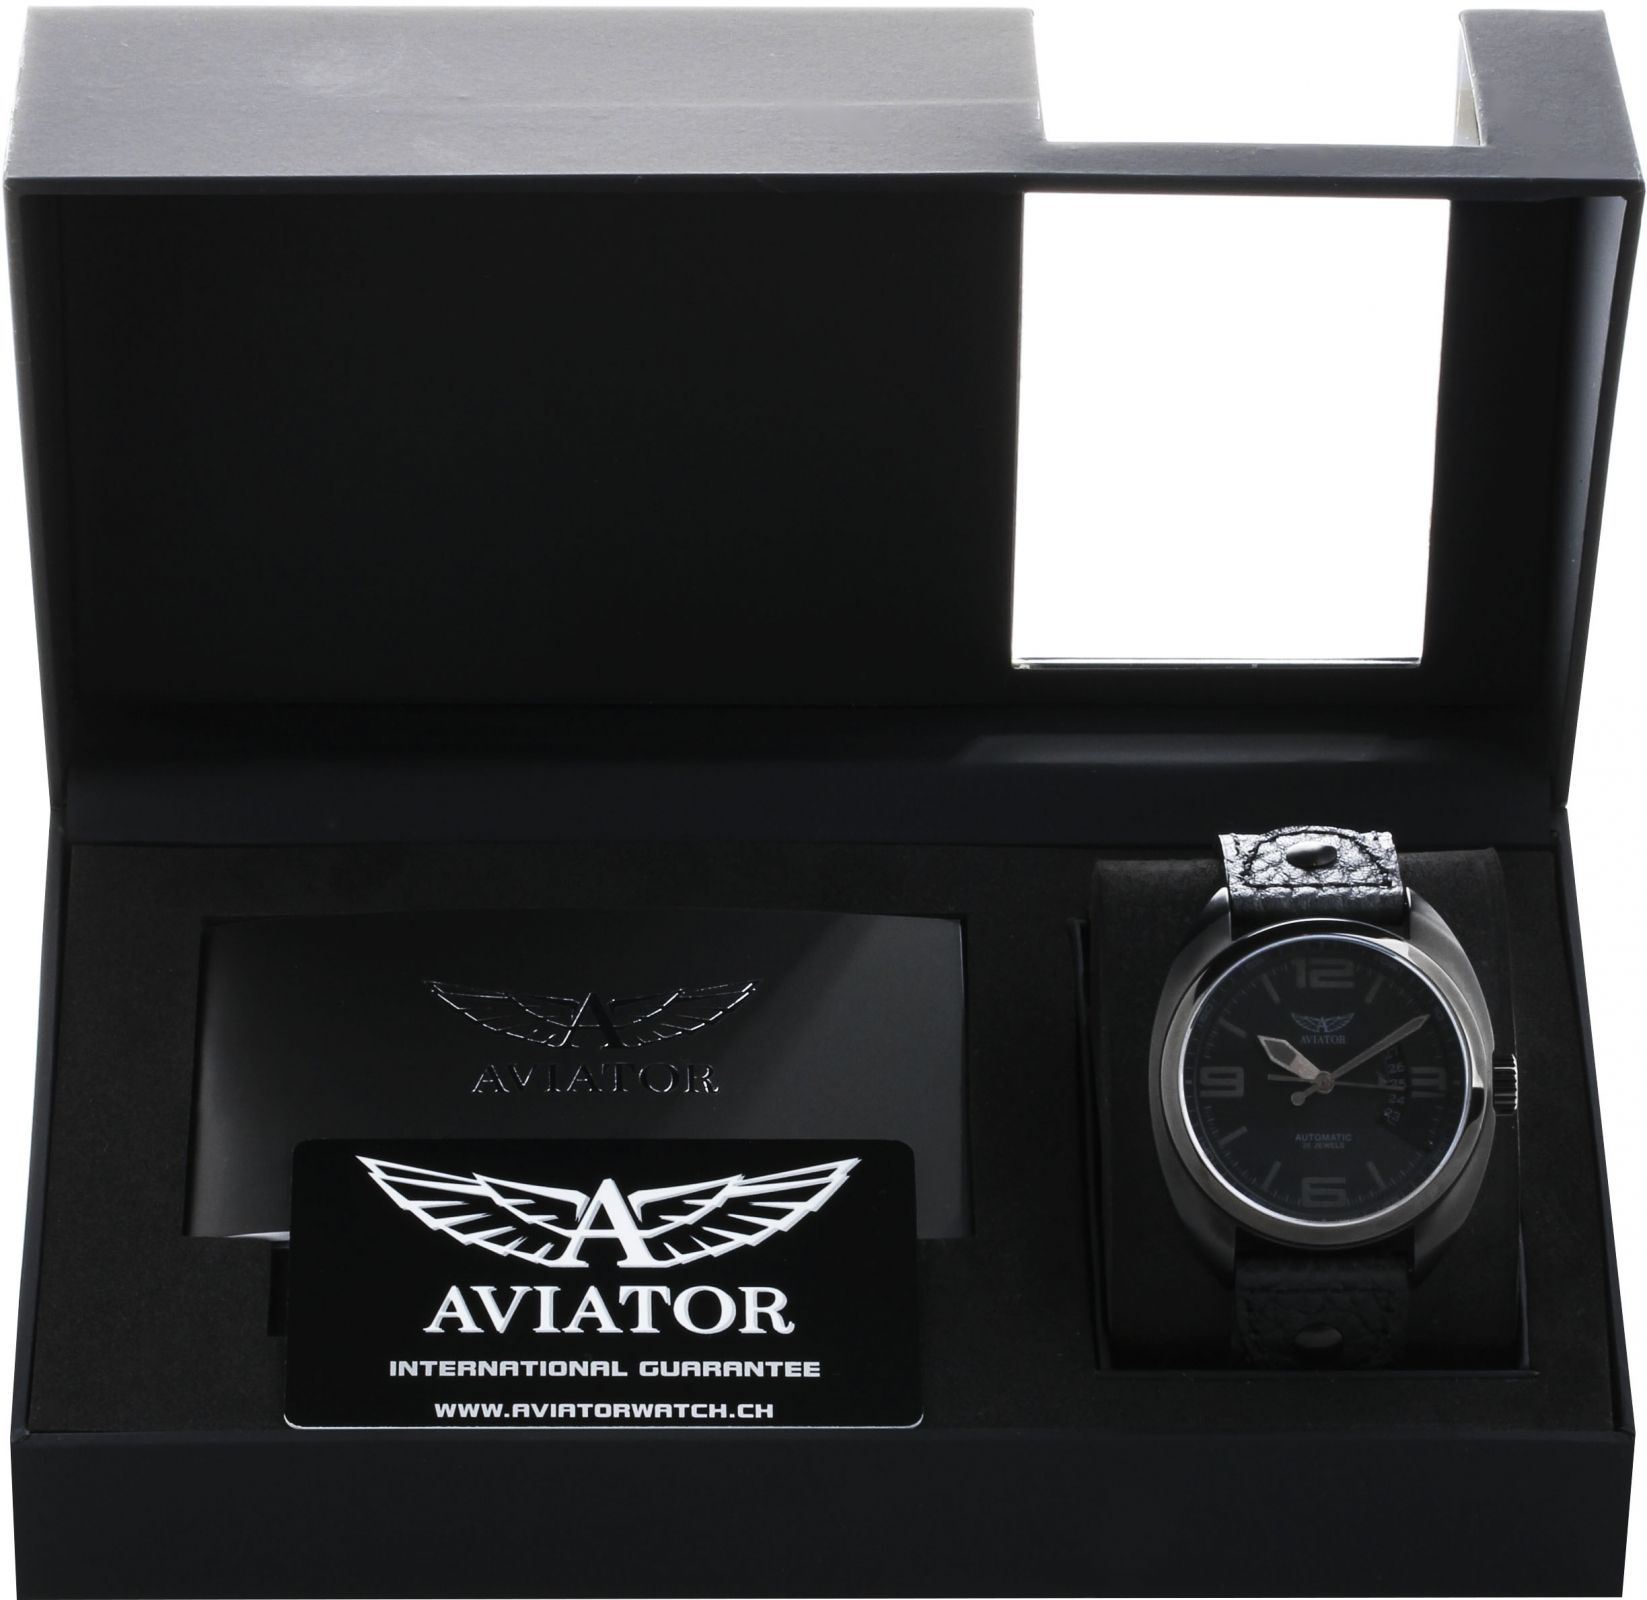 Aviator PROPELLER R.3.08.5.093.4Наручные часы<br>Швейцарские часы Aviator PROPELLER R.3.08.5.093.4<br><br>Пол: Мужские<br>Страна-производитель: Швейцария<br>Механизм: Механический<br>Материал корпуса: Сталь<br>Материал ремня/браслета: Кожа<br>Водозащита, диапазон: 20 - 100 м<br>Стекло: Сапфировое<br>Толщина корпуса: 14 мм<br>Стиль: Классика